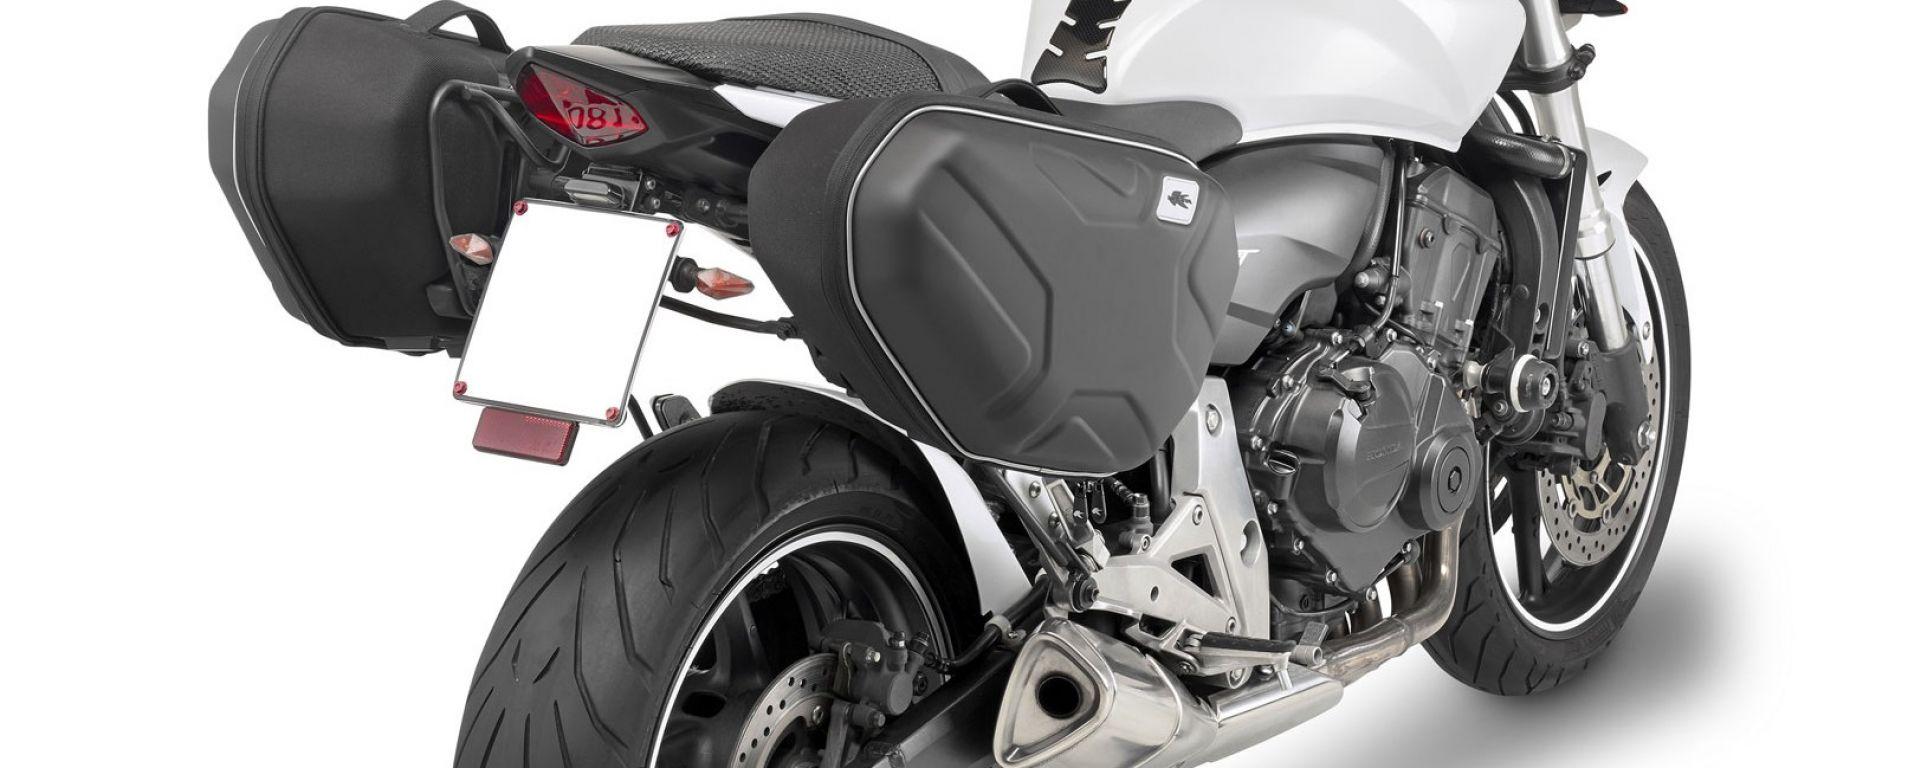 miglior prezzo forma elegante vendita online Accessori moto: Kappa: borse laterali termoformate - MotorBox